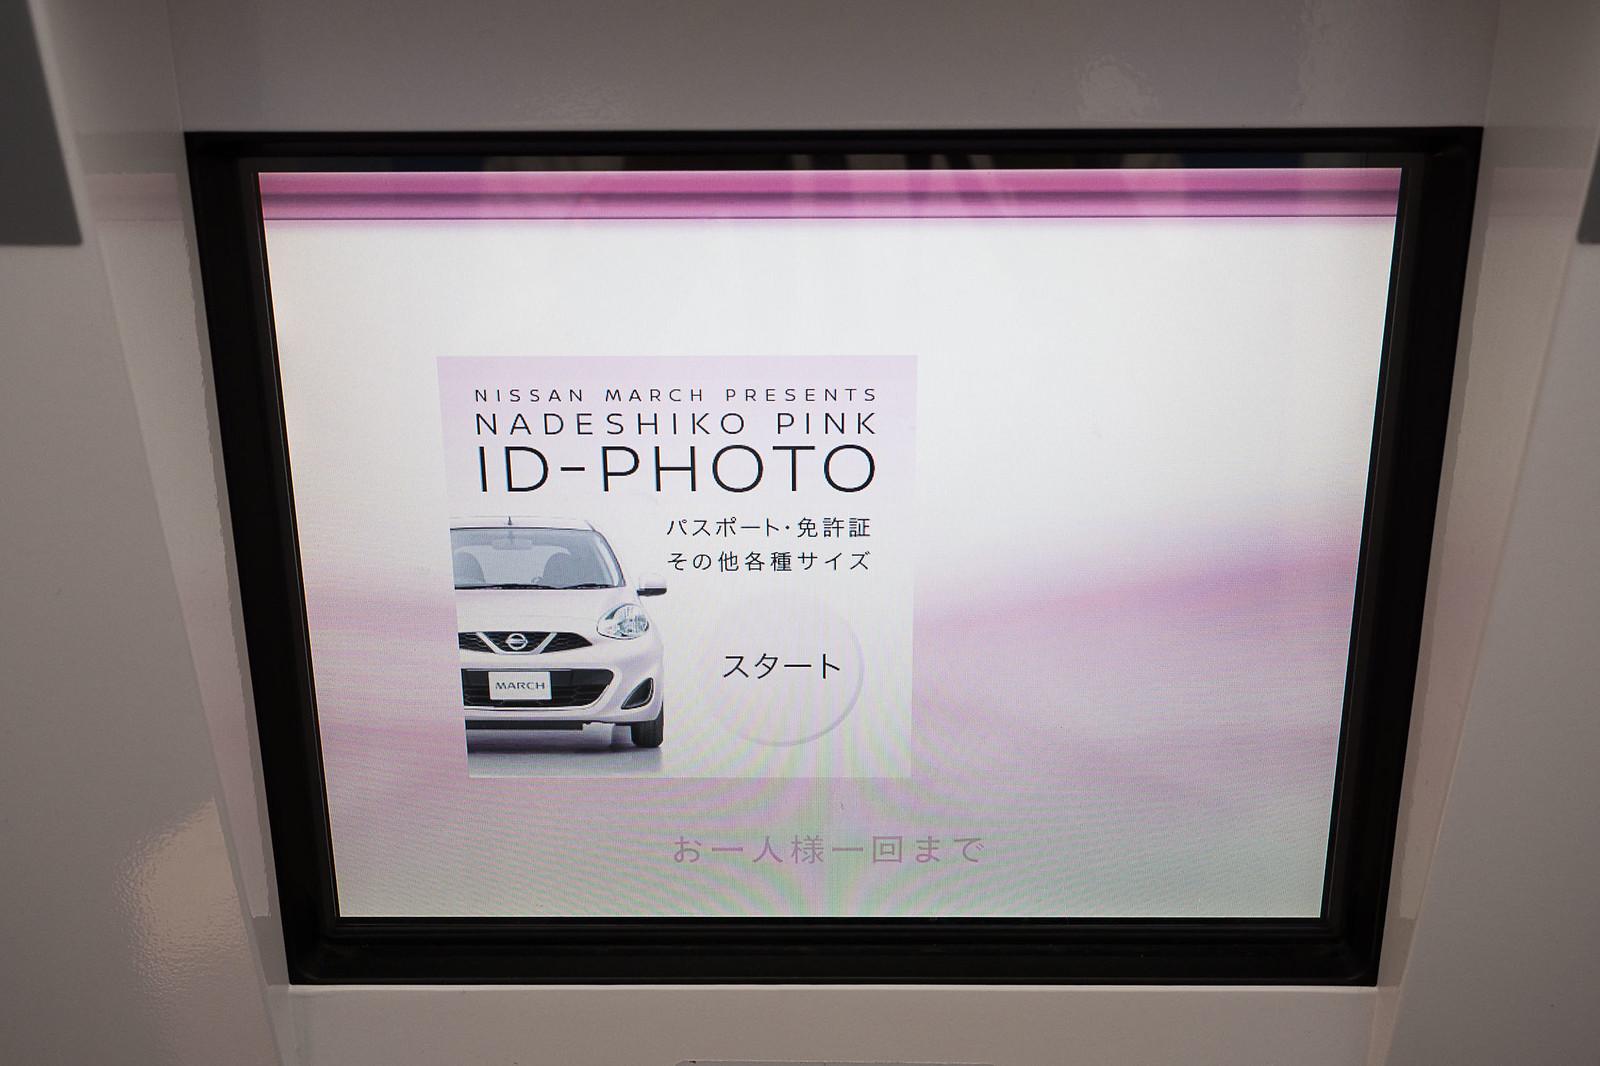 Nissan_nadeshiko_pink-7